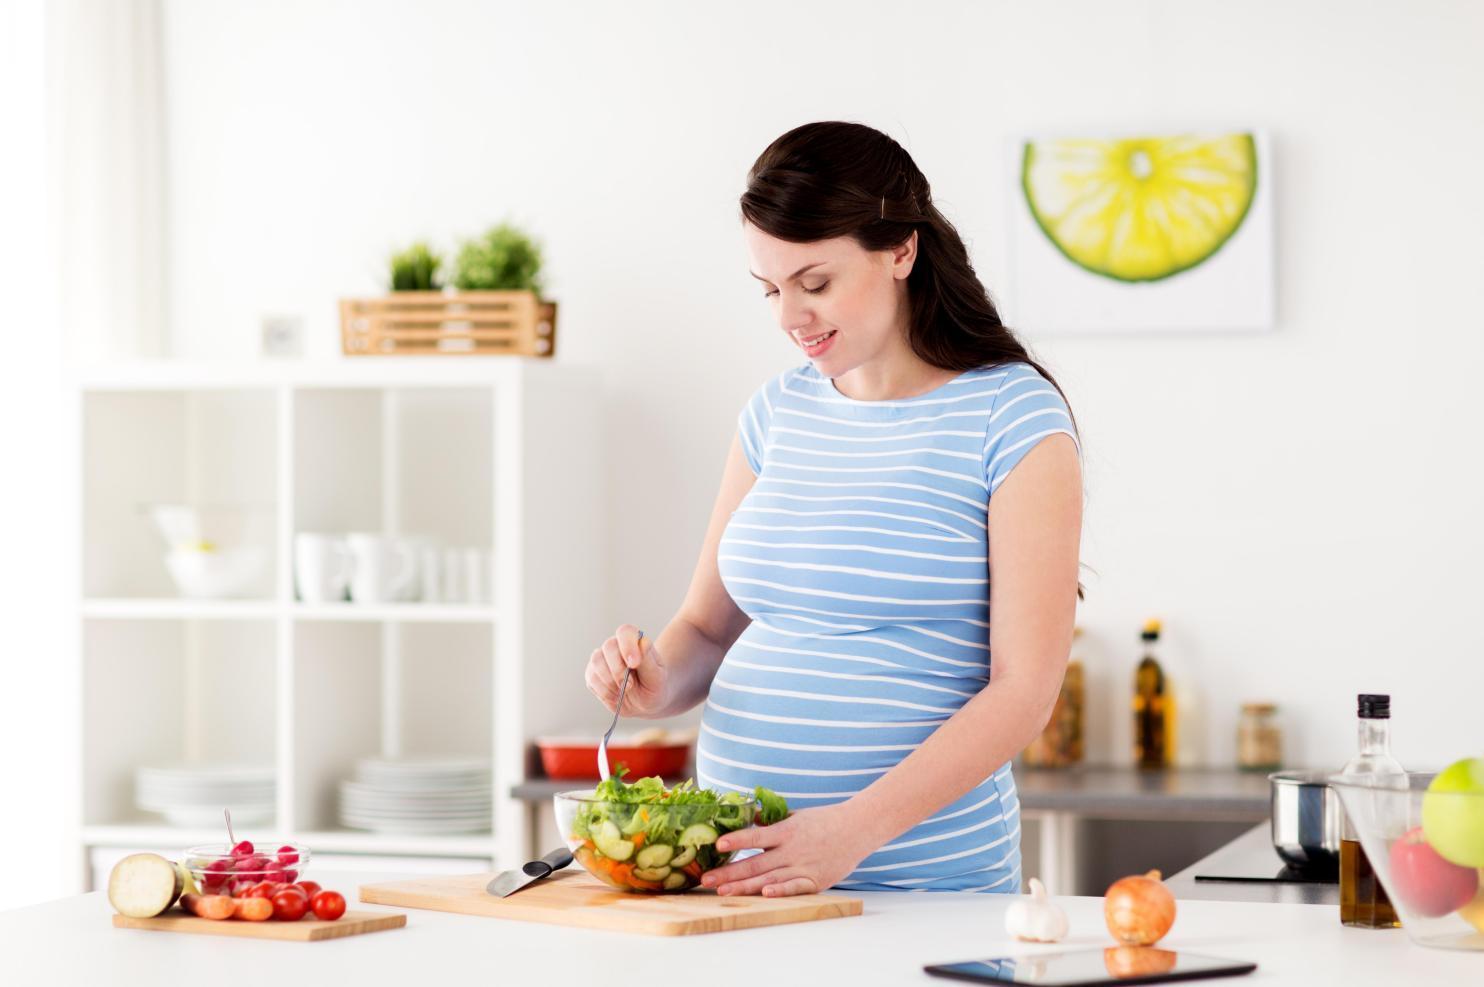 孕期营养需求多,汤臣倍健铁叶酸片来帮忙